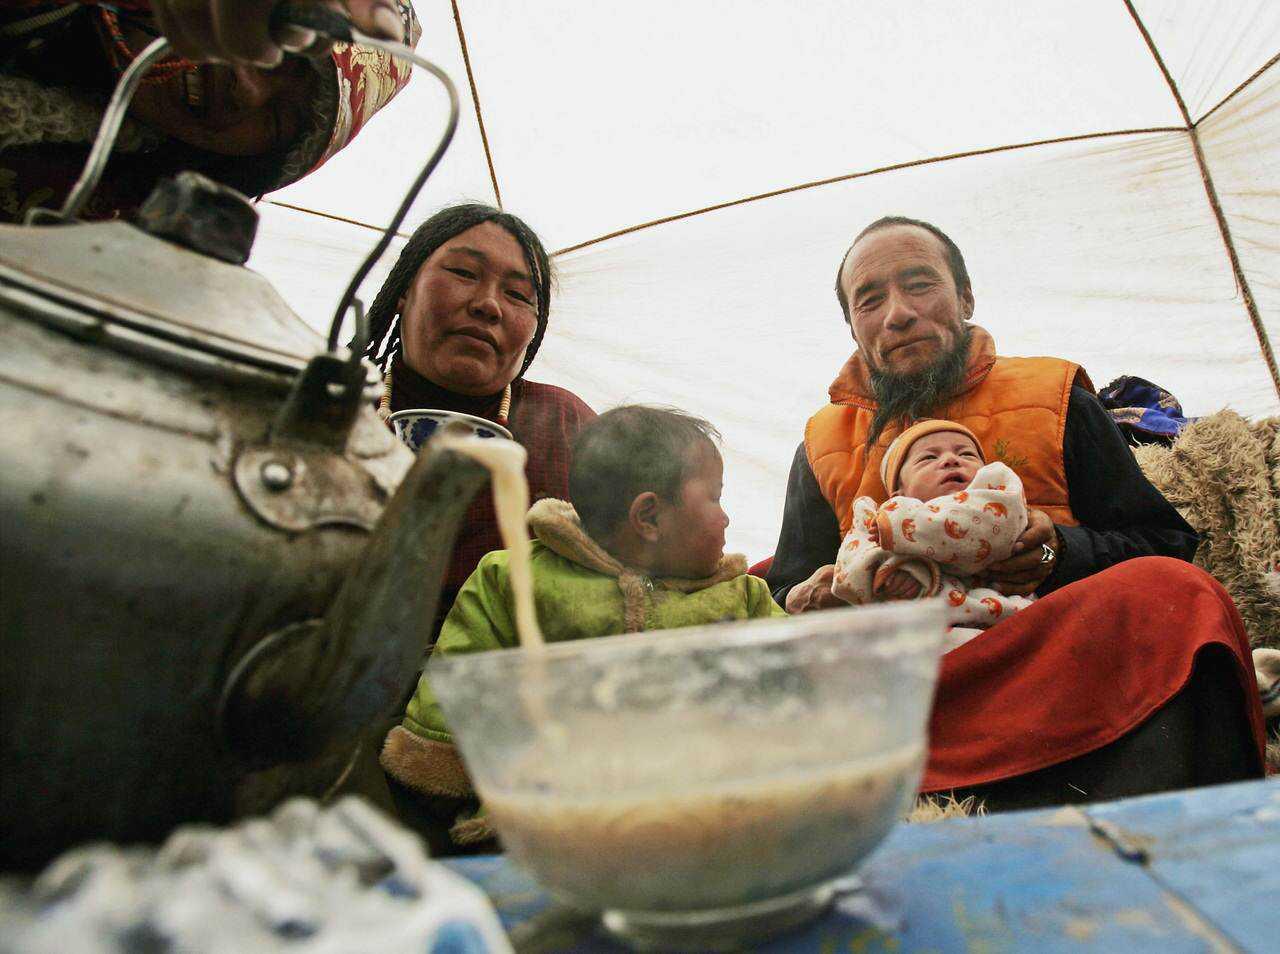 0 ef776 2e35a6a1 orig Sepultamento celestial no Tibete (AVISO: não recomendado para pessoas impressionáveis)